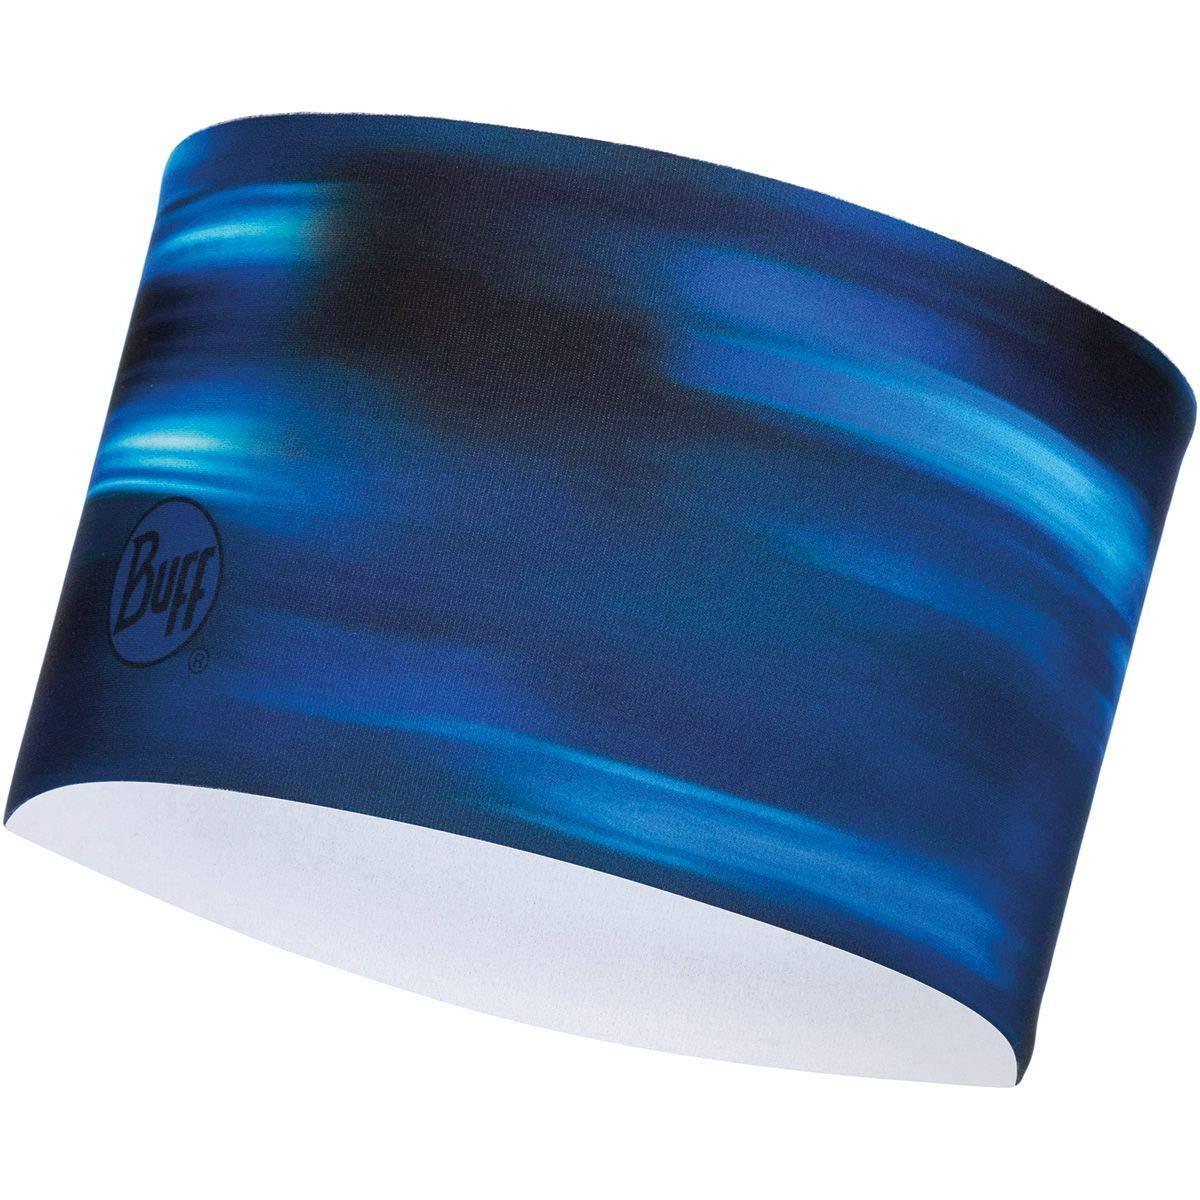 BUFF Stirnband blau Einheitsgr/ö/ße